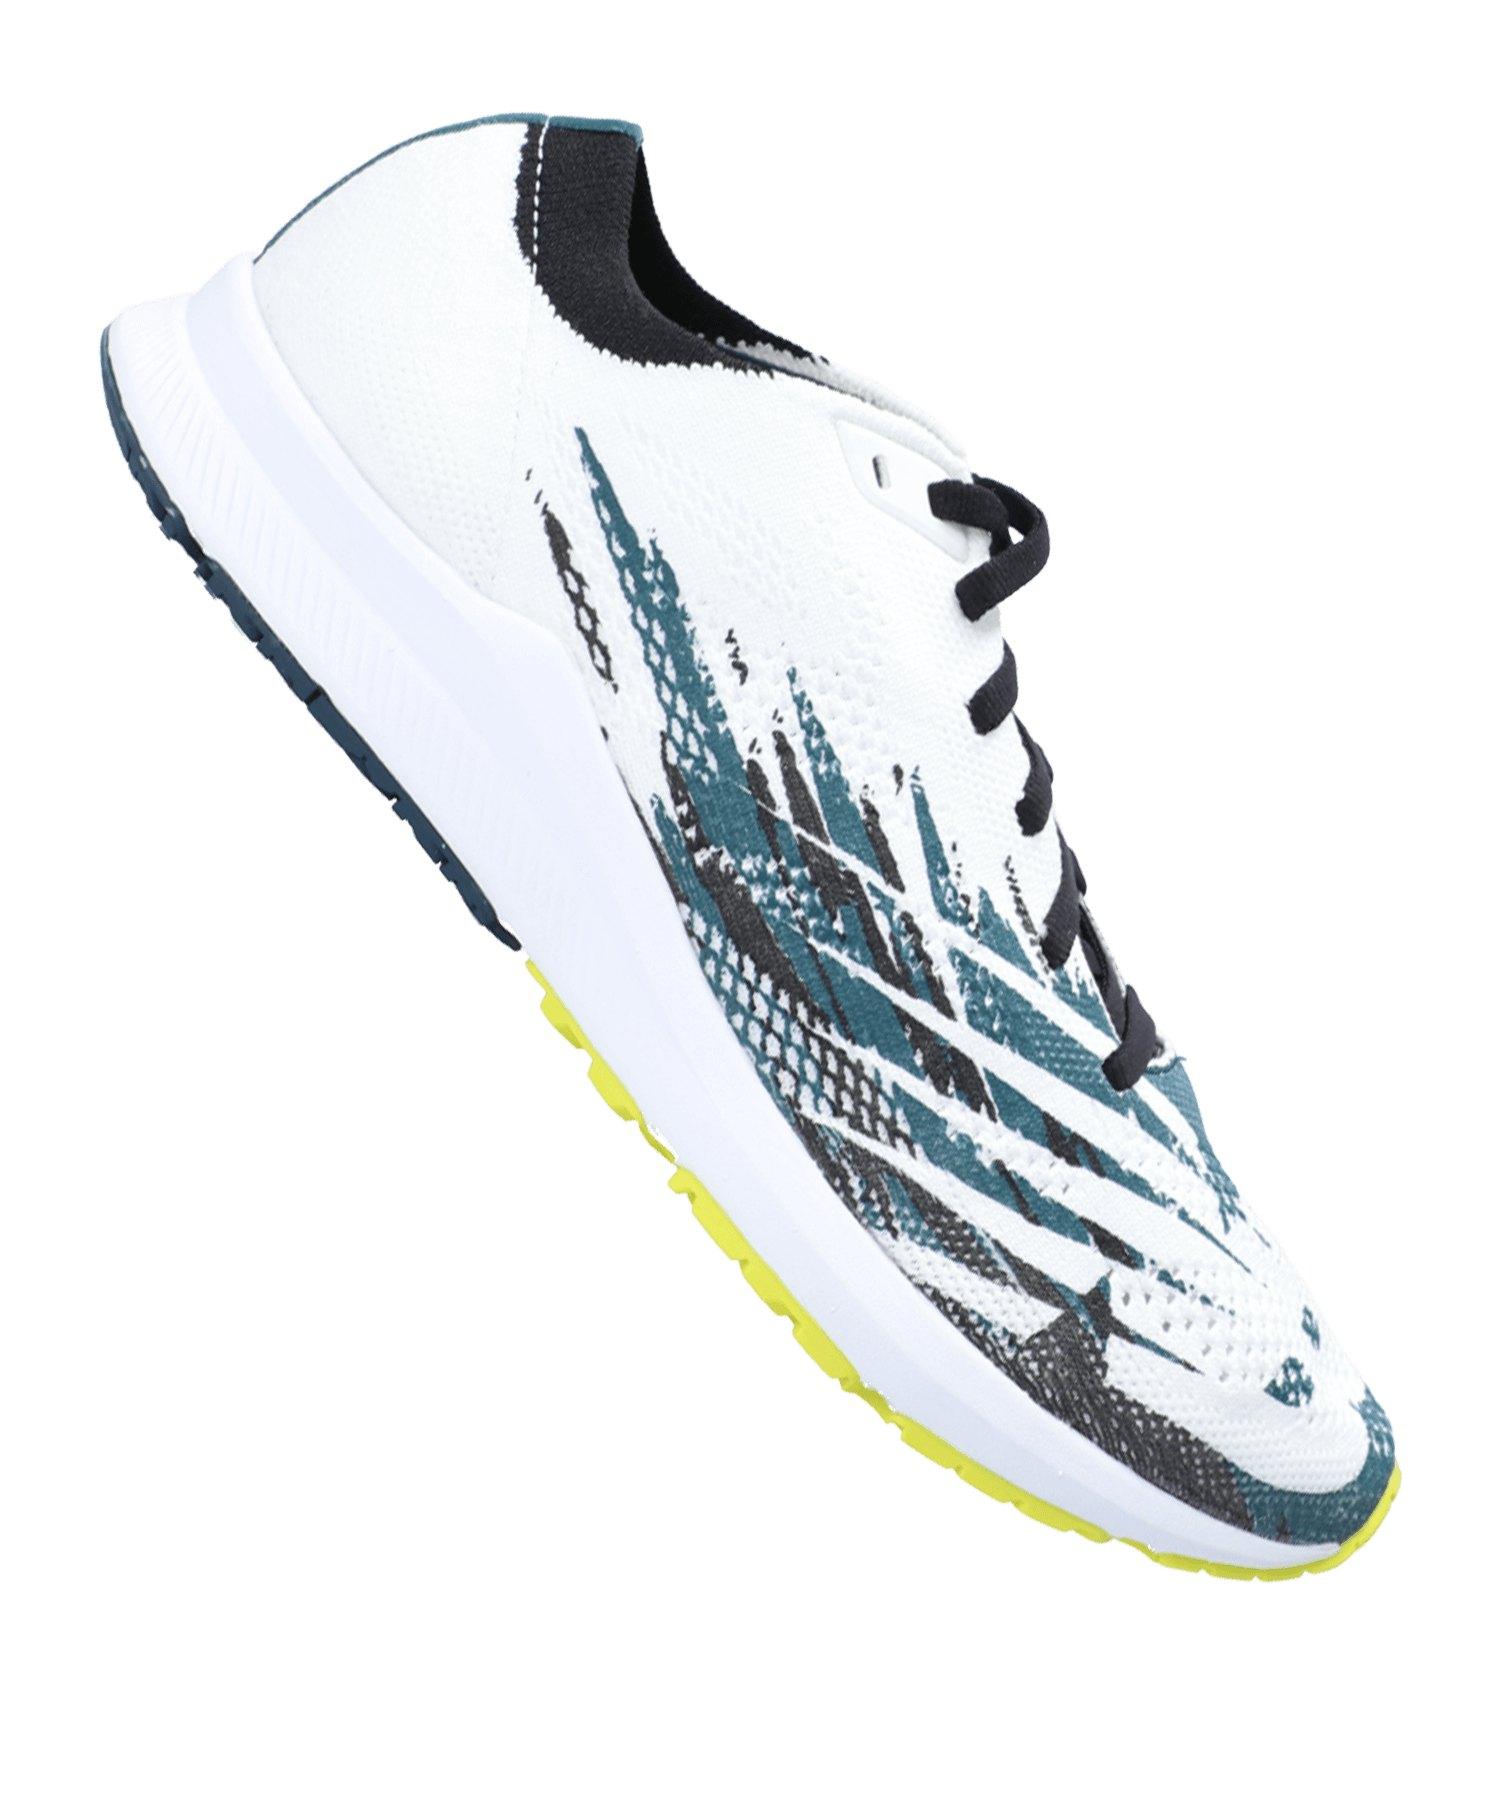 New Balance M1500 D Sneaker Weiss F03 - weiss